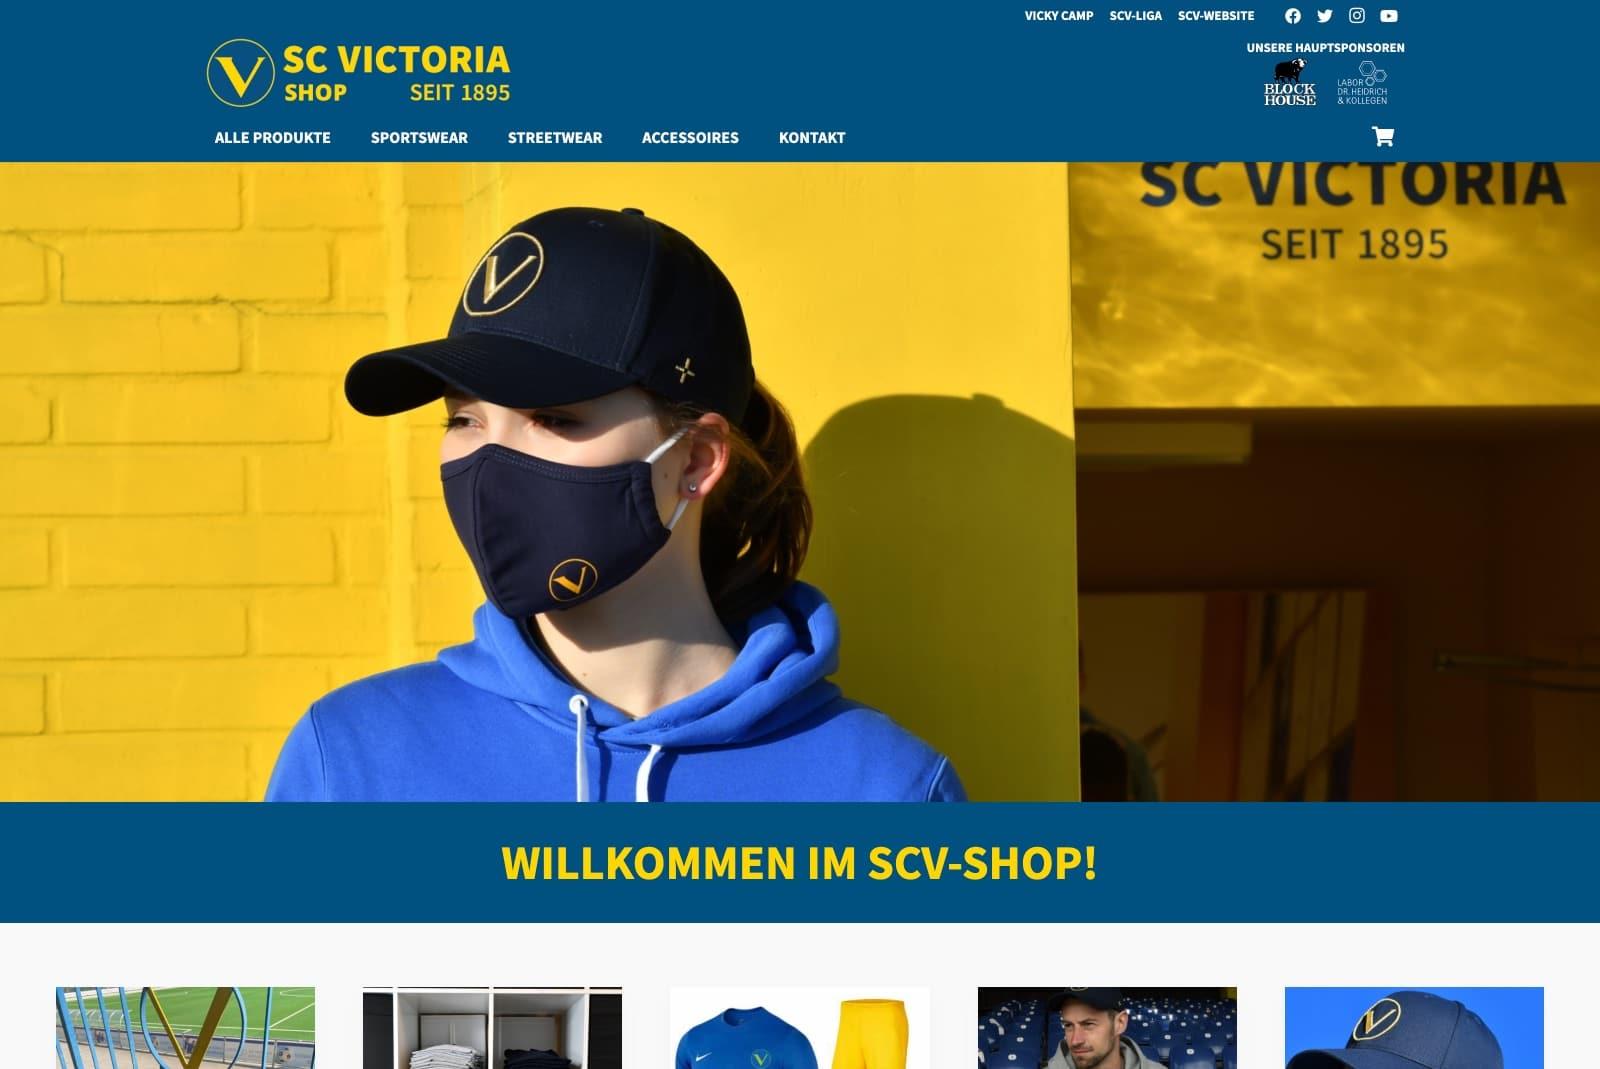 SC Victoria-Shop - Startseite